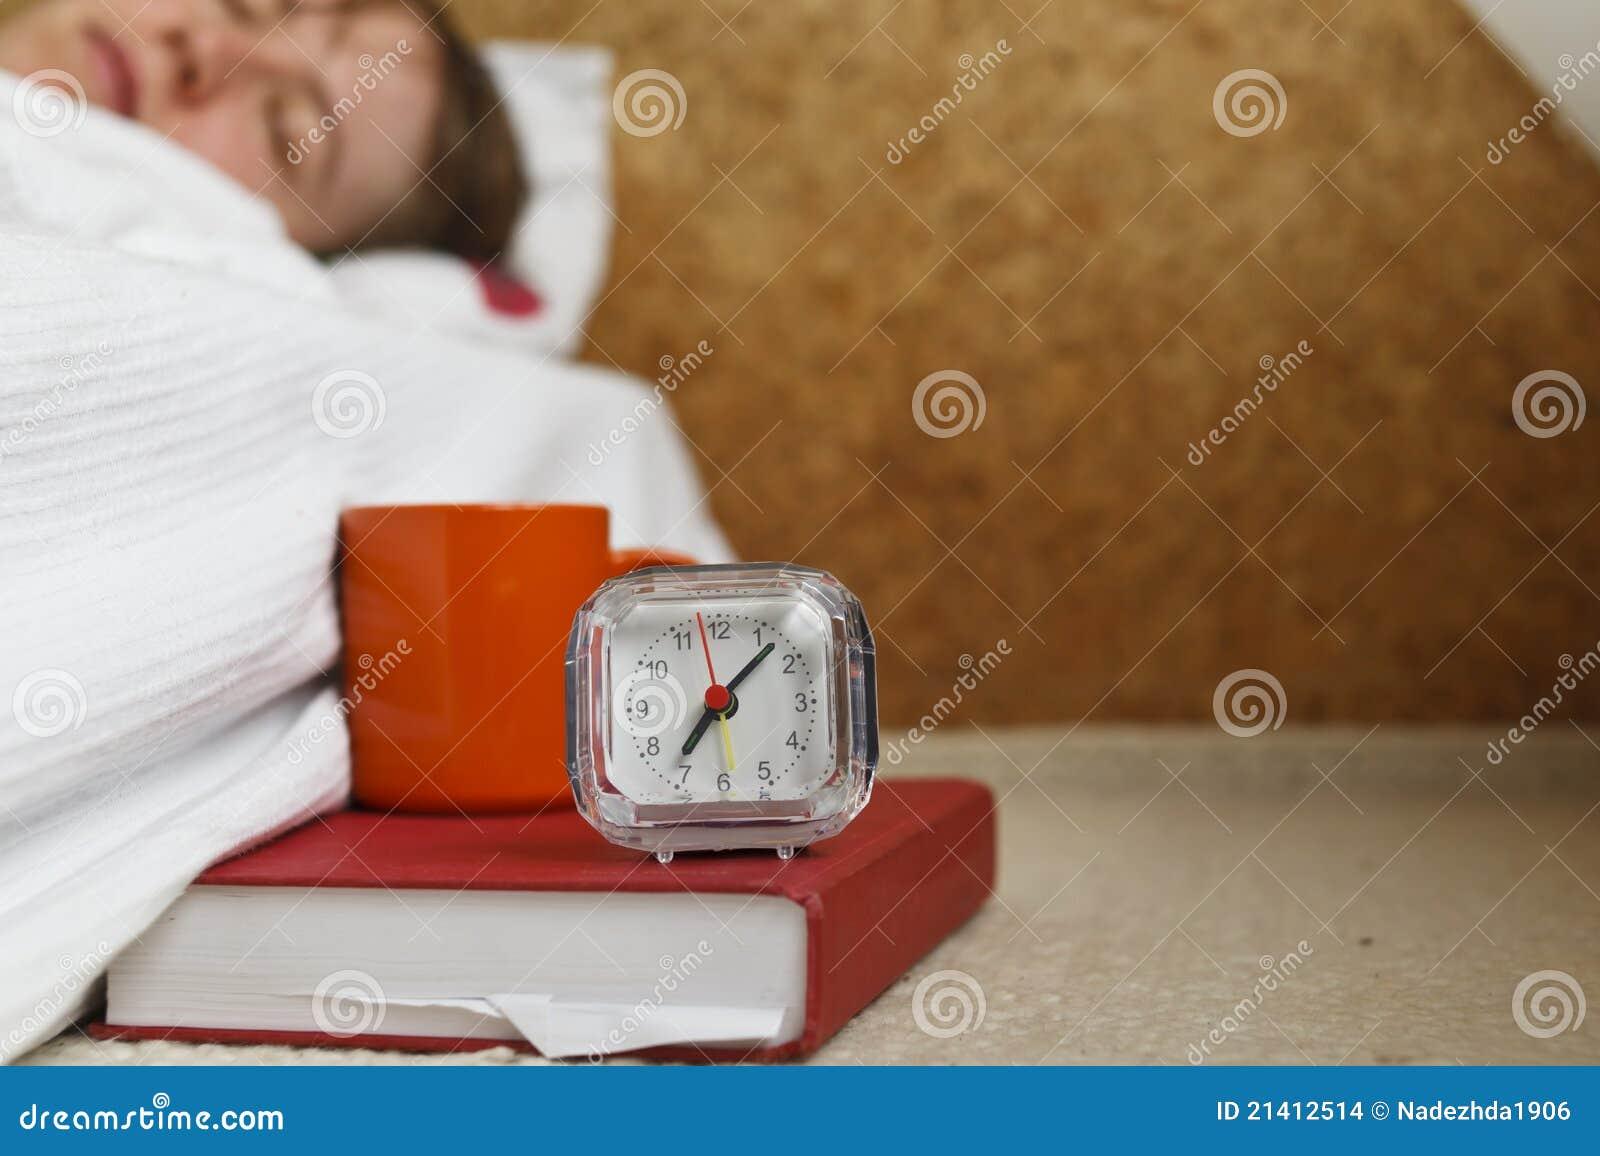 Alarm, coffee and sleepy head